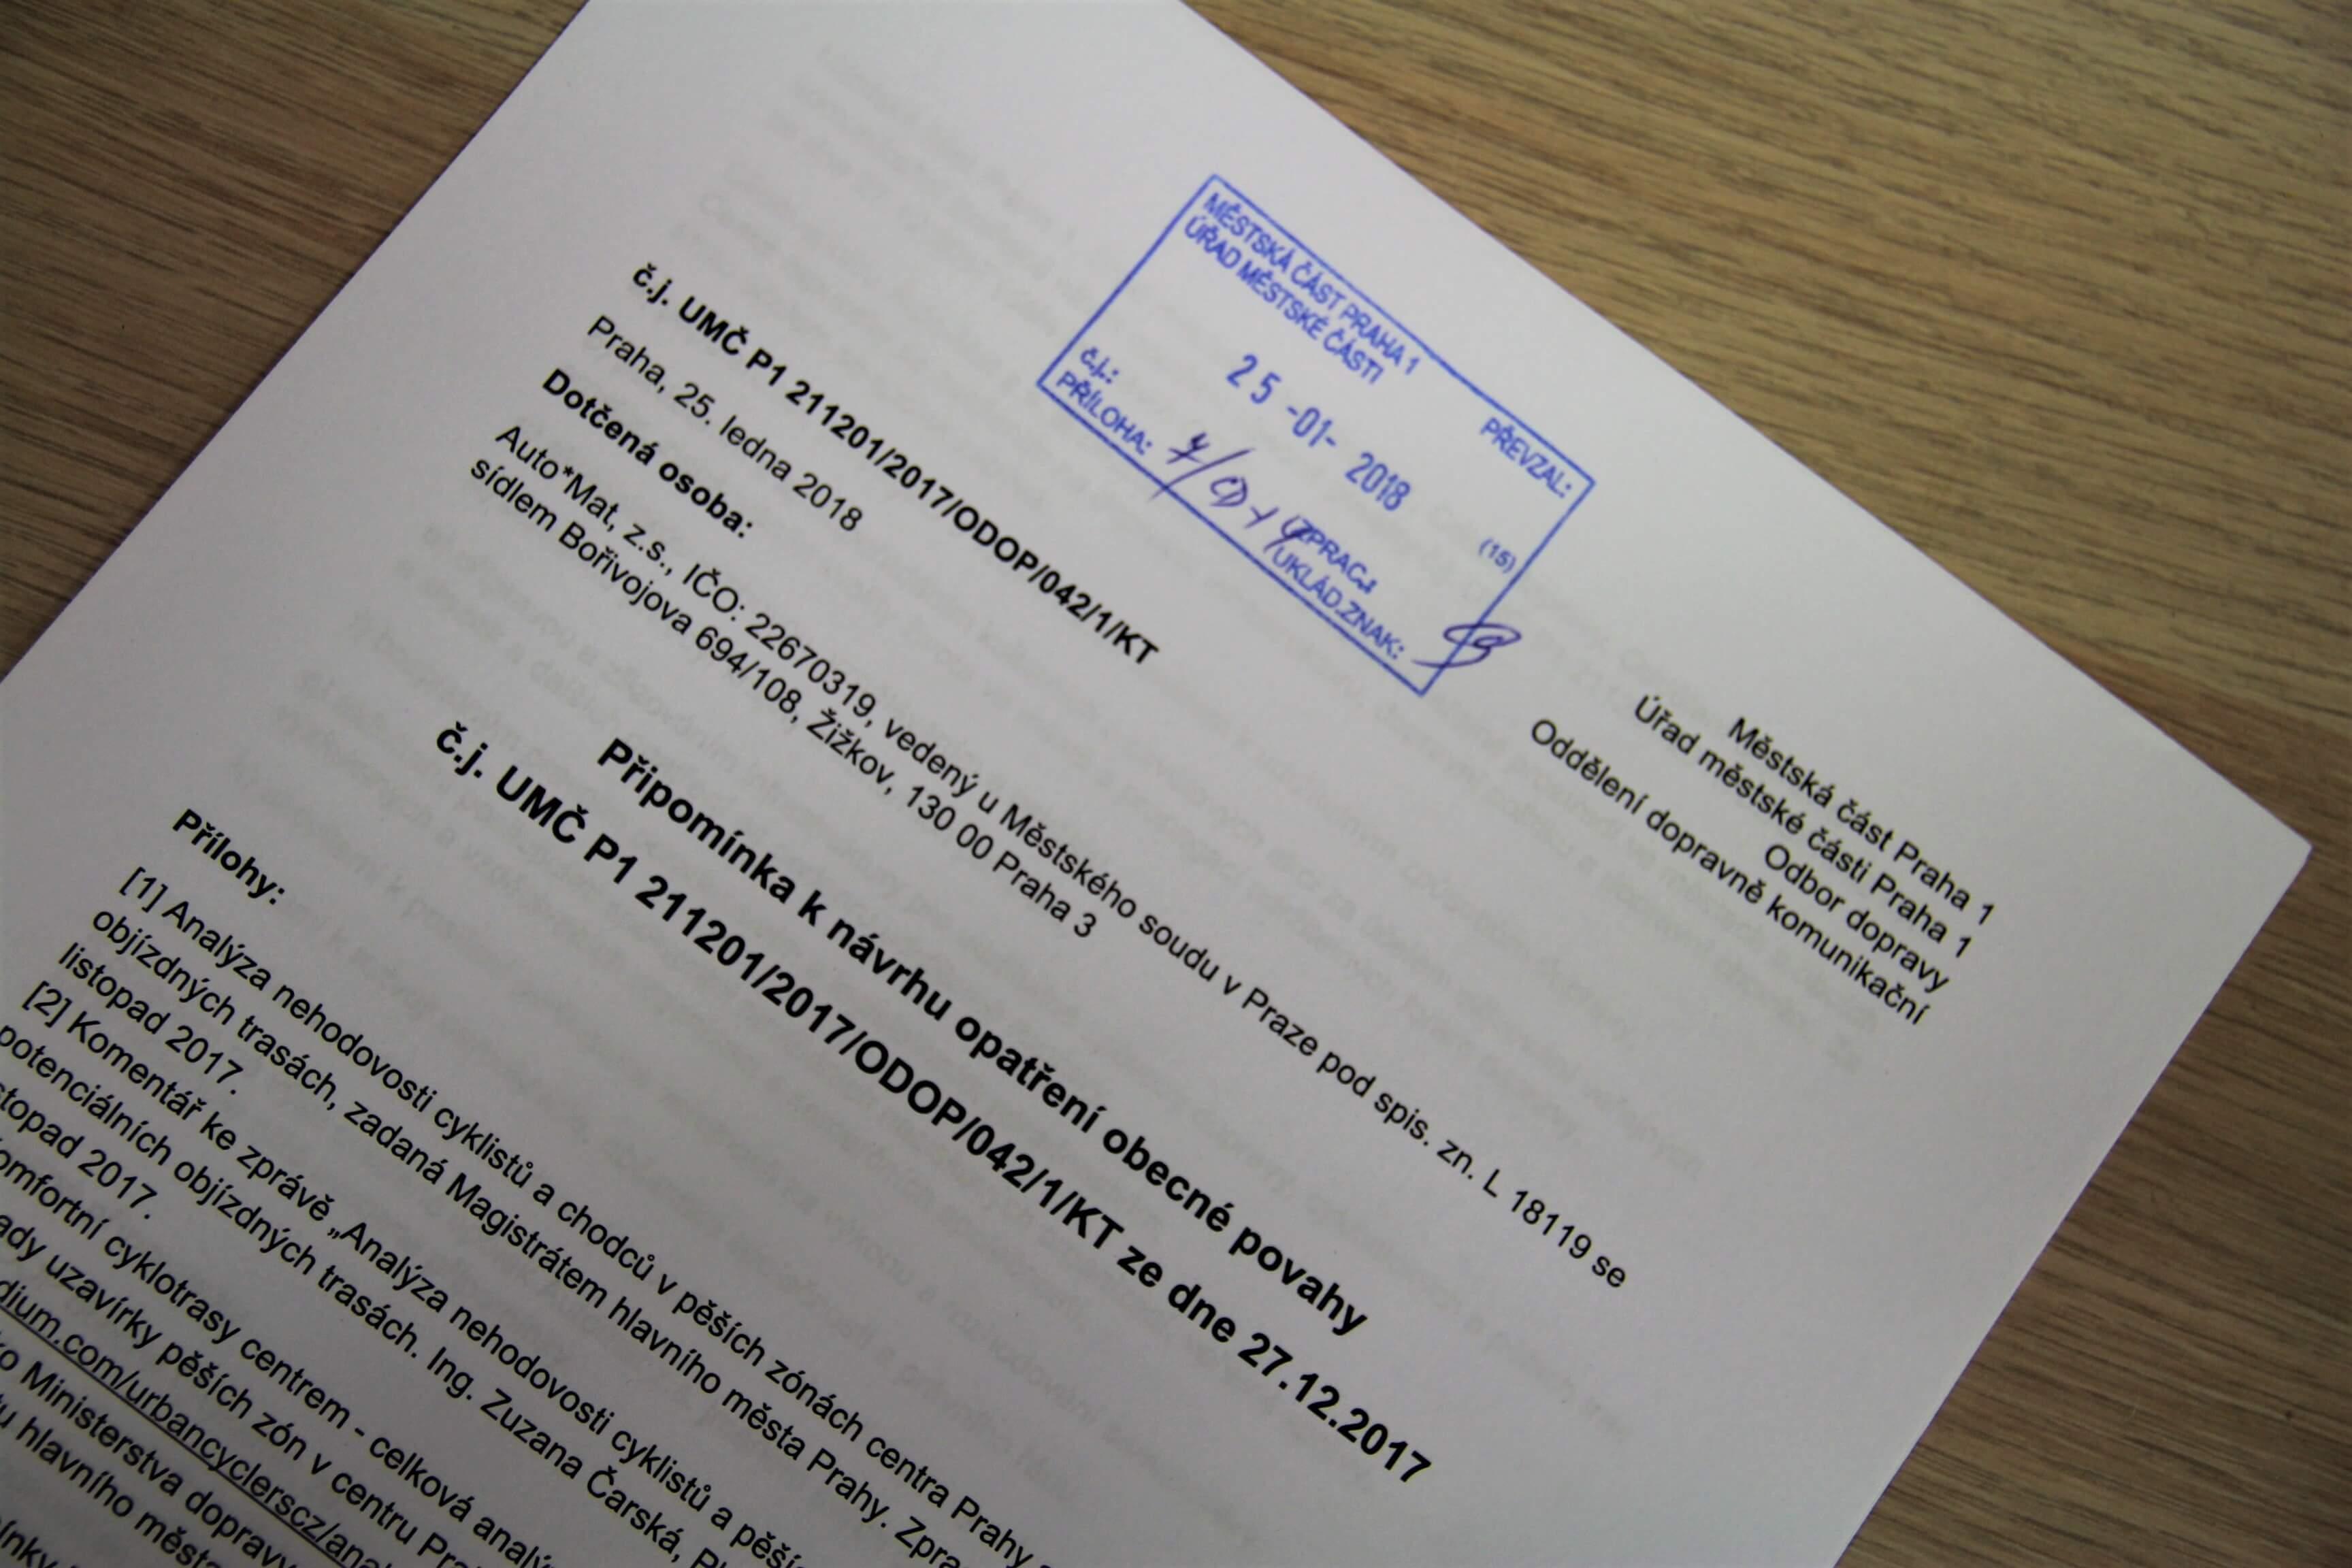 4000 lidí podpisů proti omezování kol v centru Prahy nestačilo. Auto*Mat podává připomínku